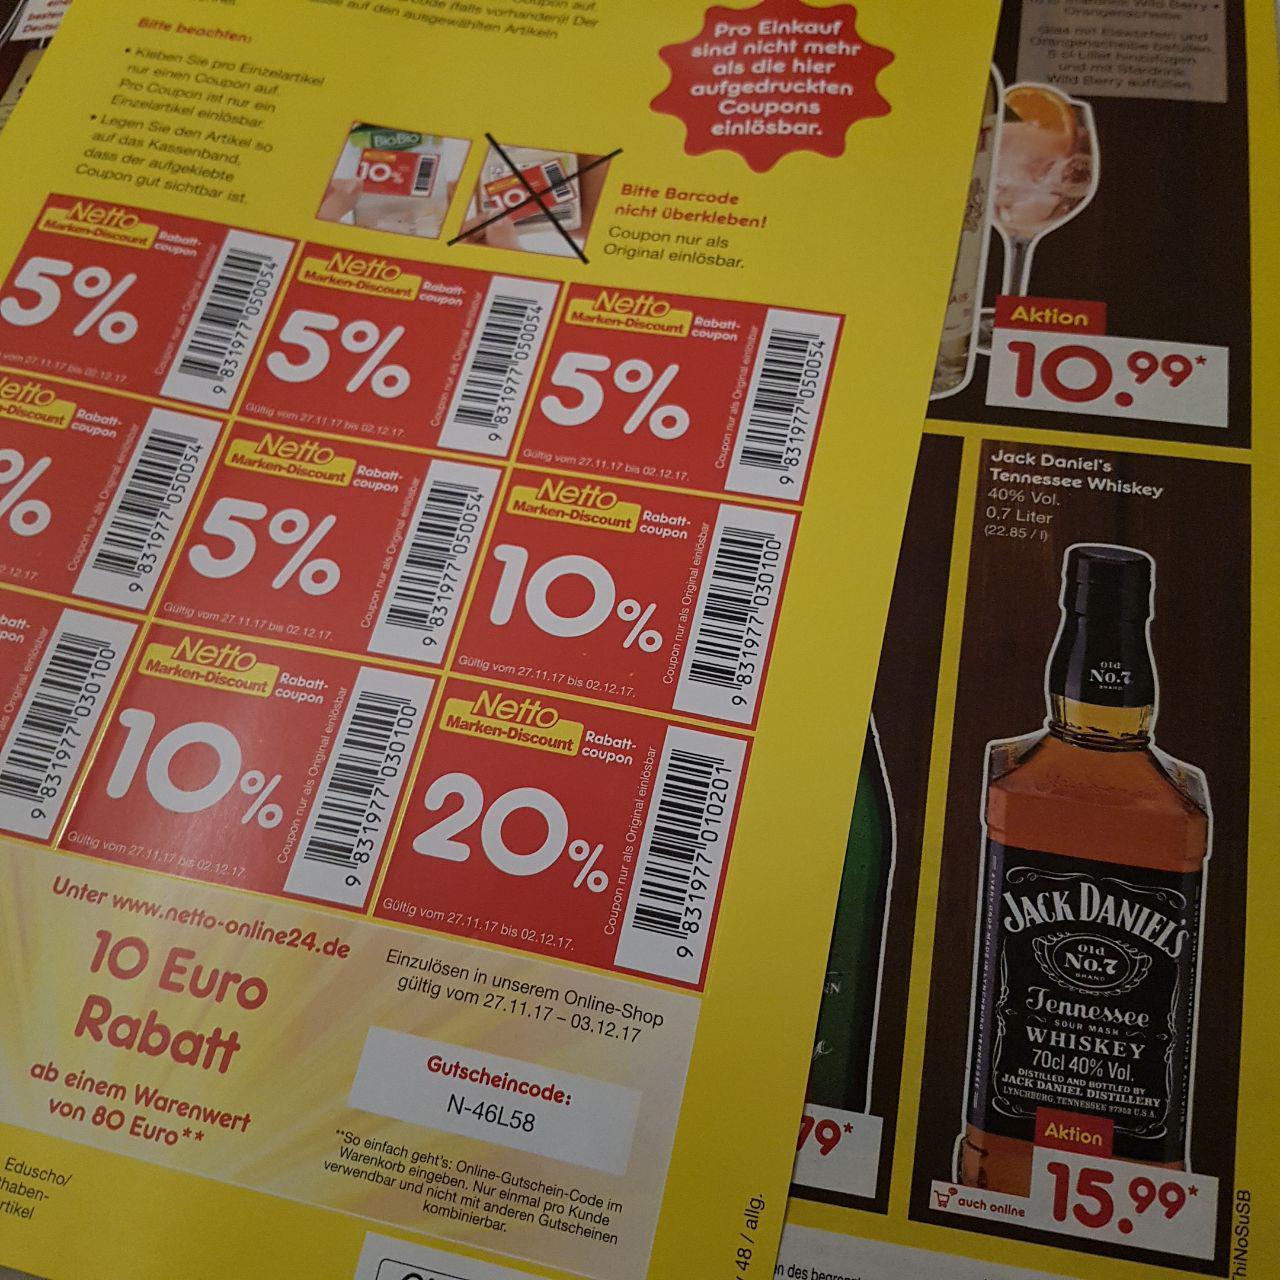 [Netto MD] Jack Daniels Whiskey 0,7l für 12,79€ MIT AUFKLEBER bei Netto MD (ohne Hund)